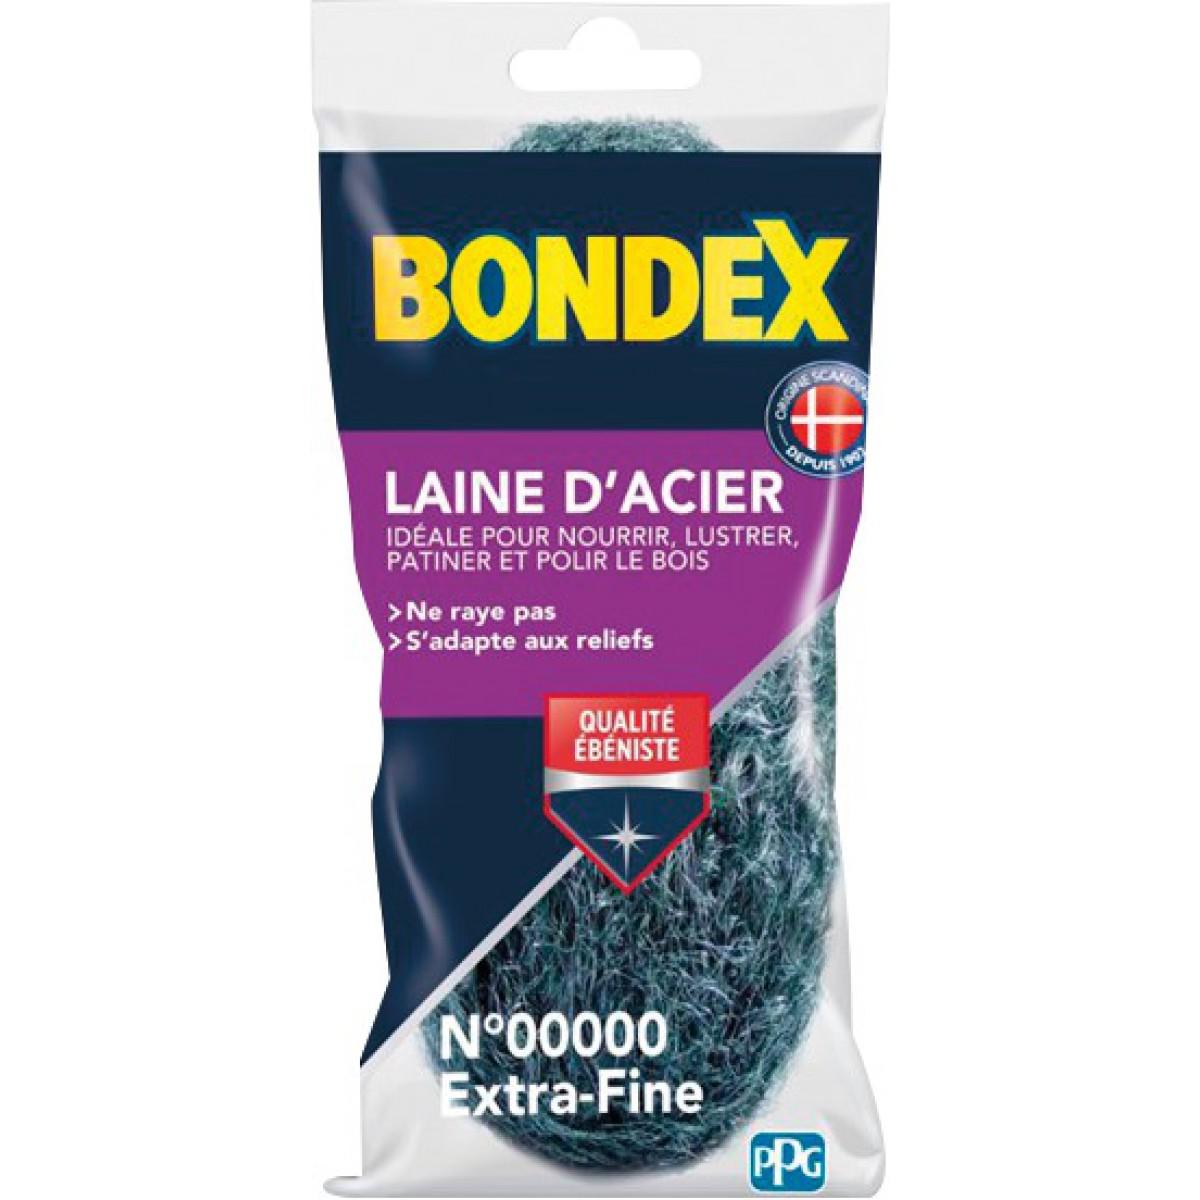 Laine d'acier Bondex